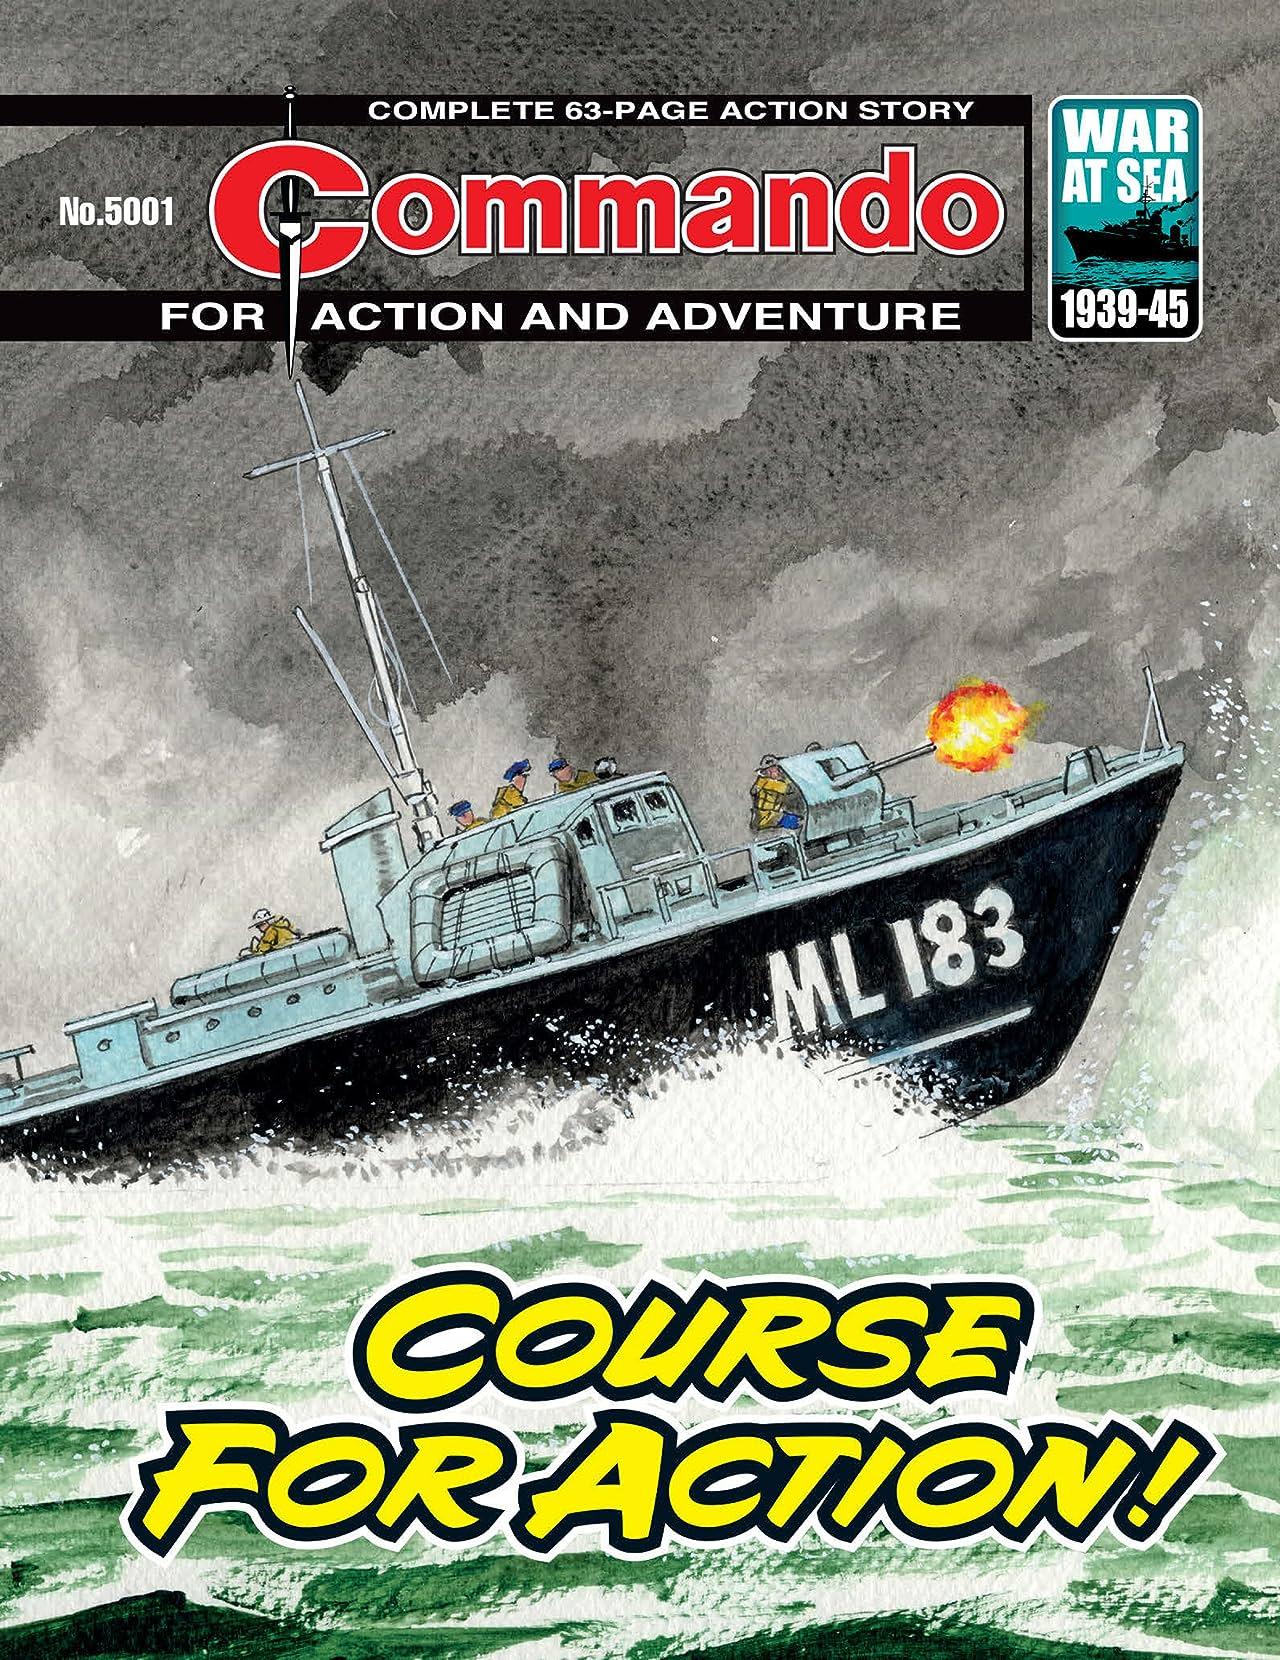 Commando #5001: Course For Action